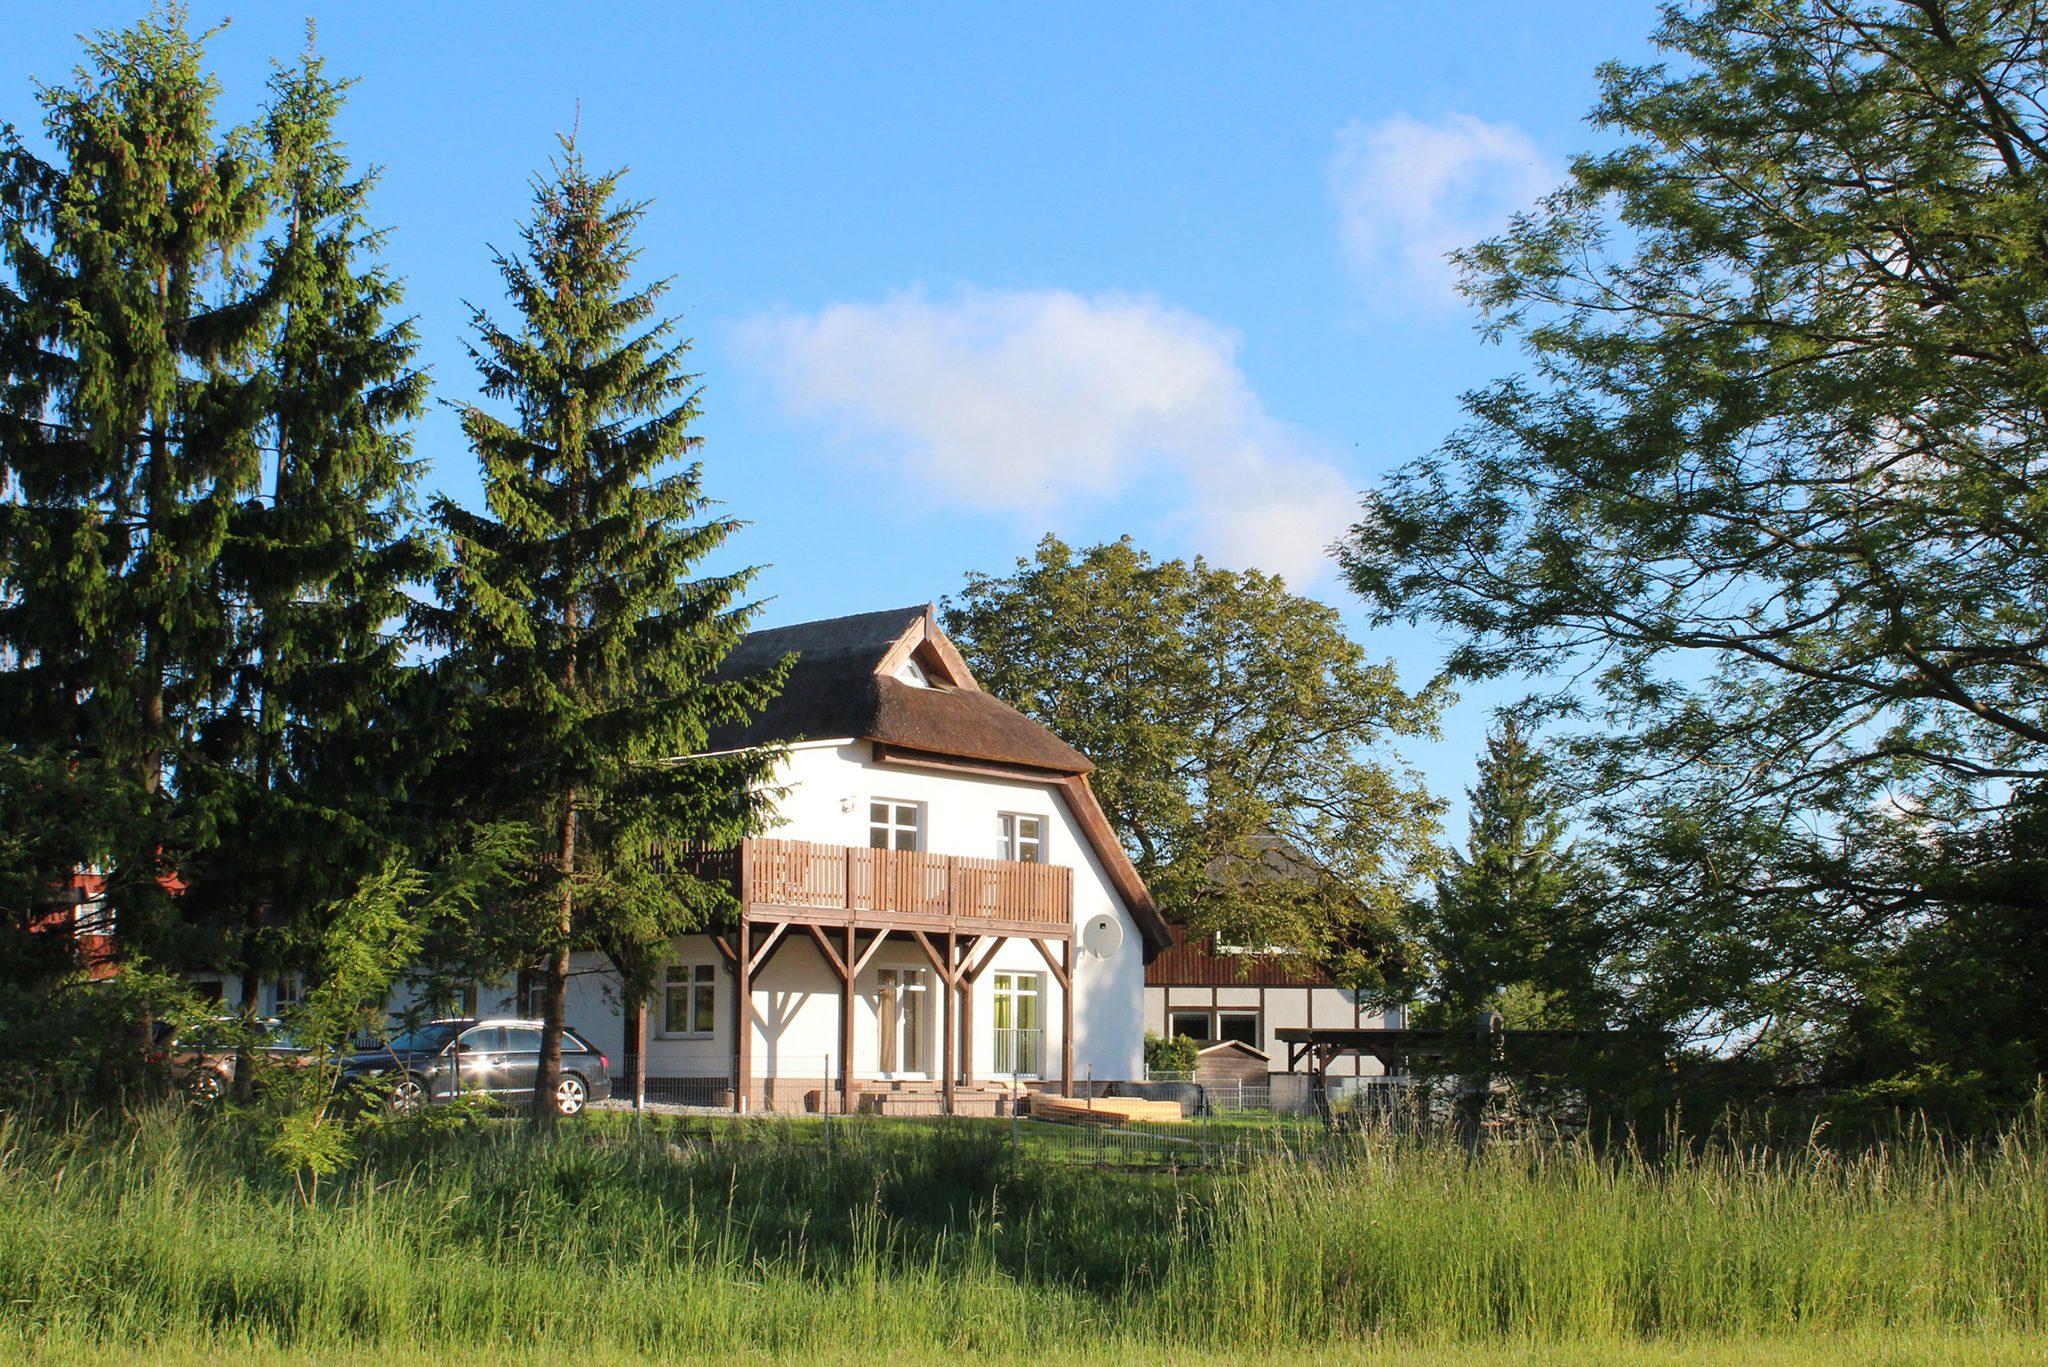 Ferienwohnungen Zum Fischerhafen - Reetdachhaus